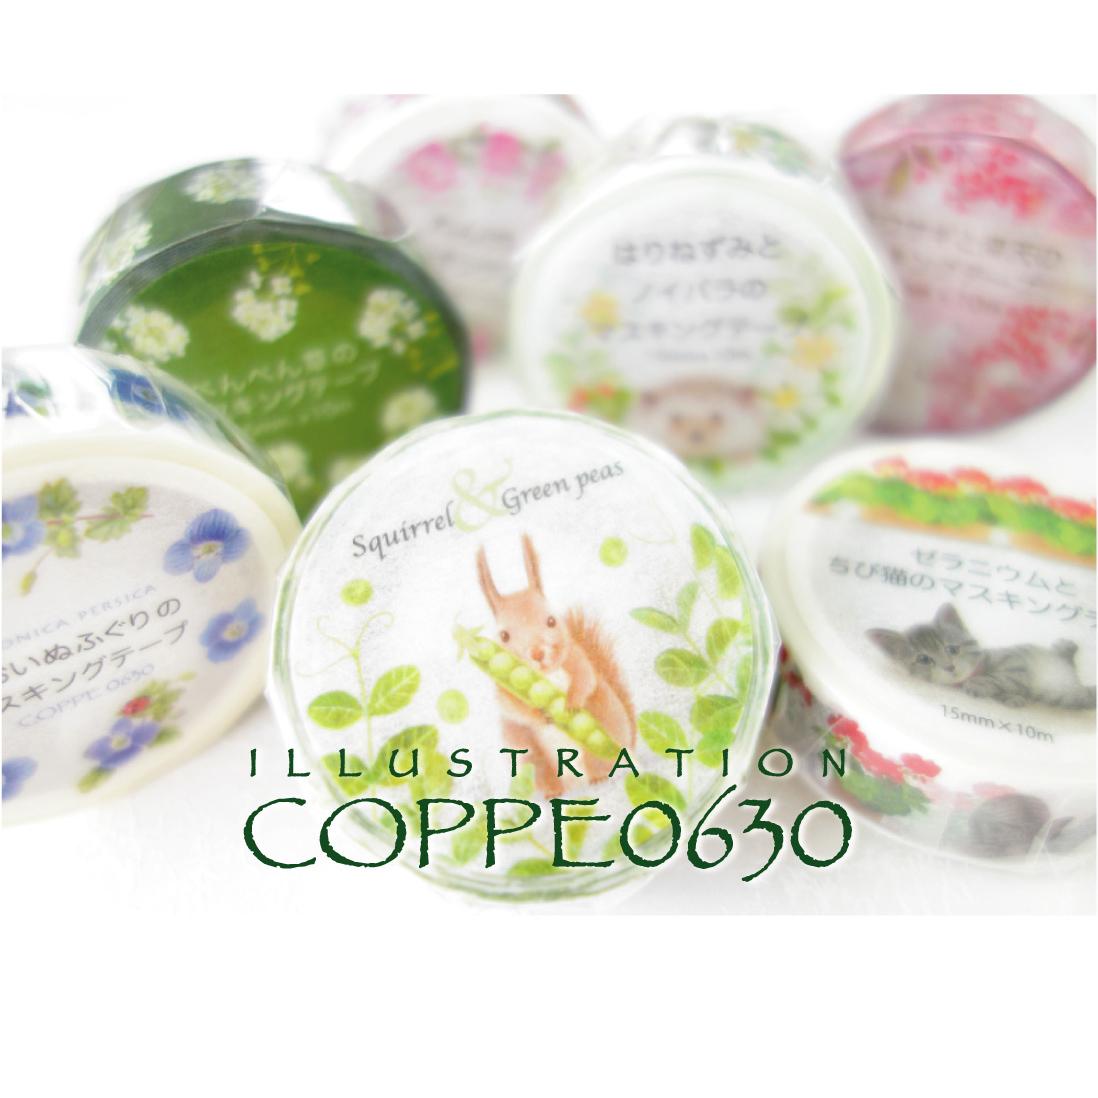 coppe0630